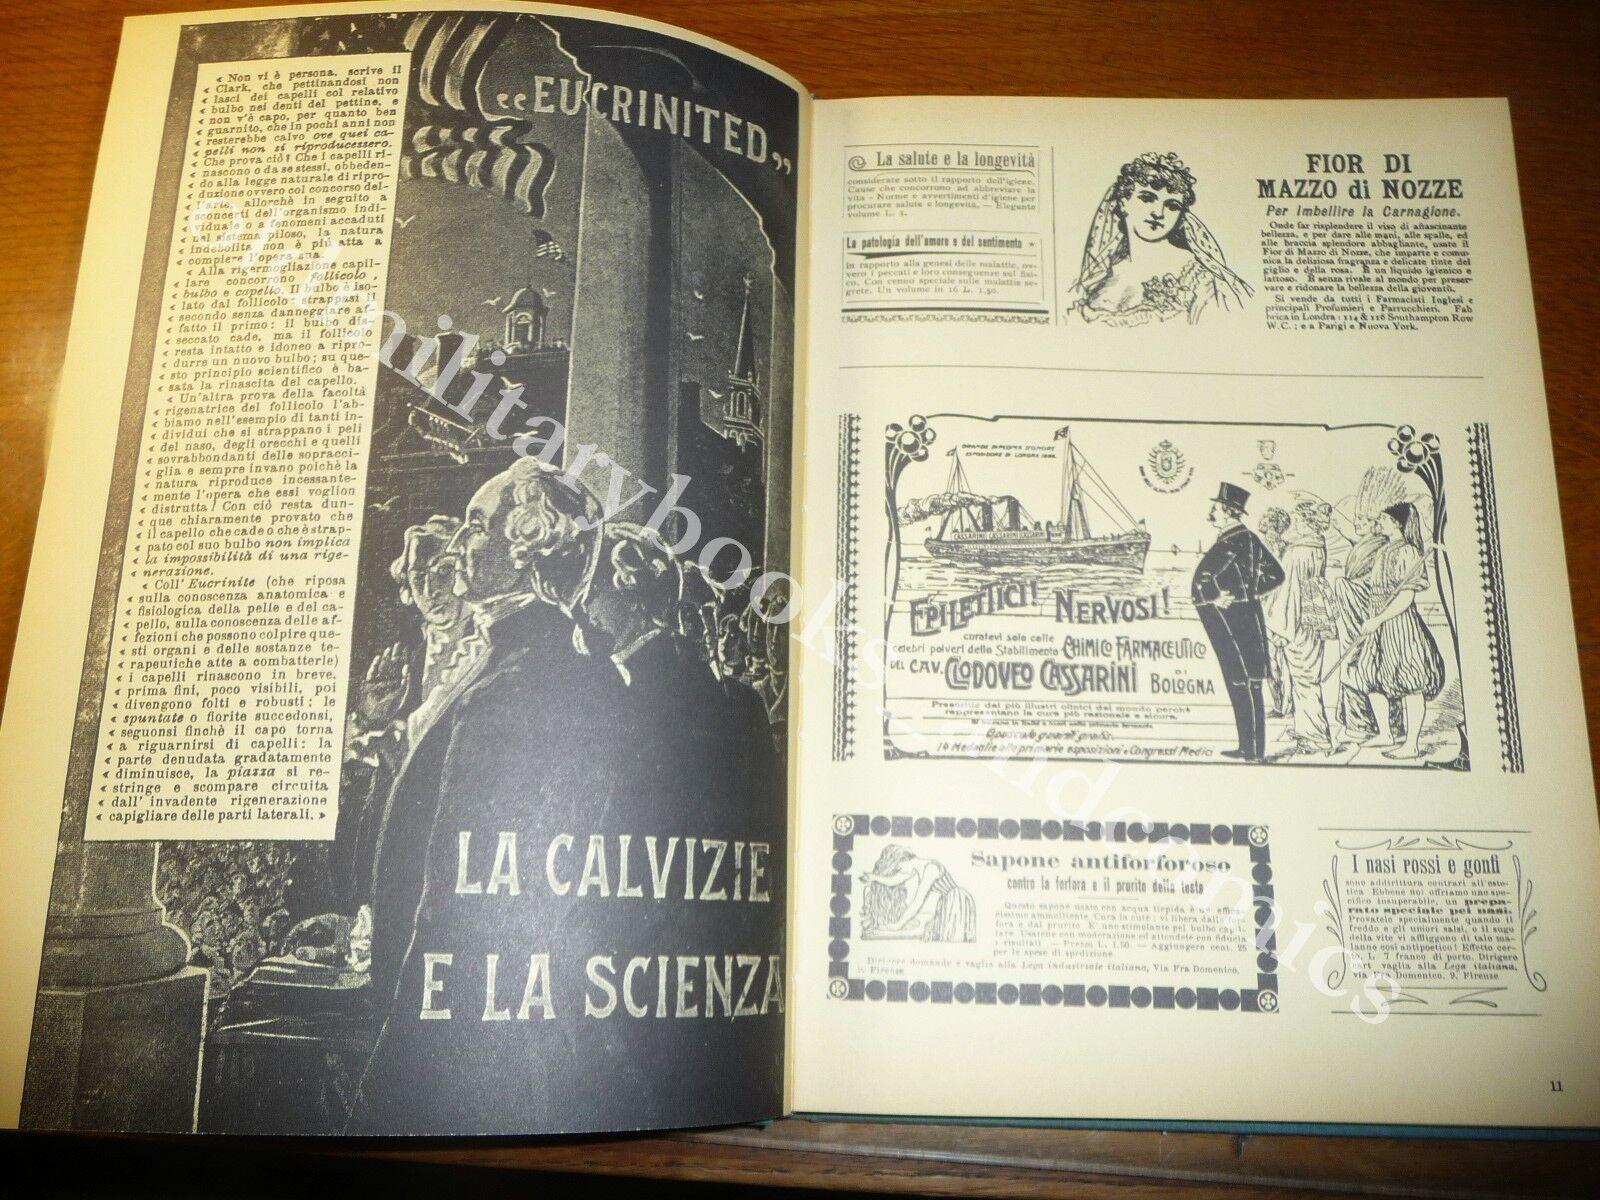 LA PUBBLICITA PER BENE LE PUBBLICITA DEL SECOLO SCORSO NEI QUOTIDIANI E RIVISTE